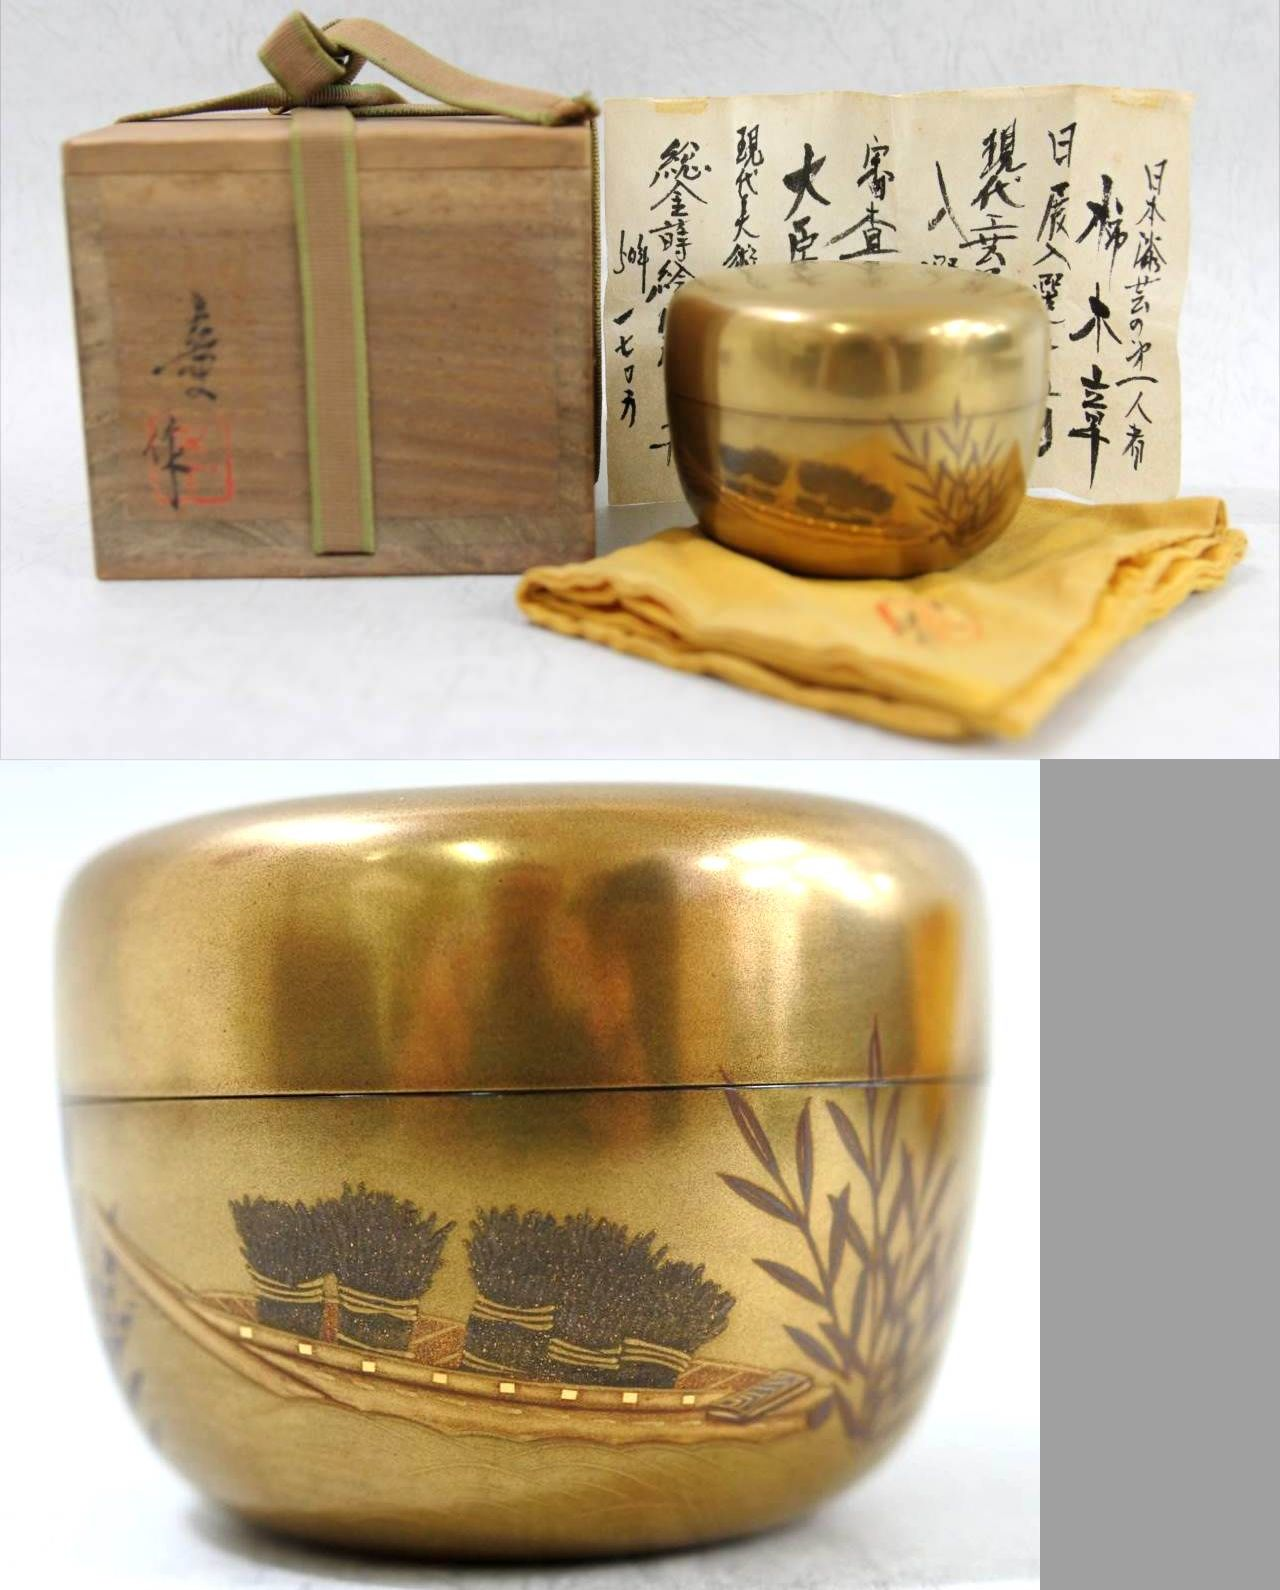 買取 茶道具 棗 茶碗 美術品 漆器 盛岡 まねき堂